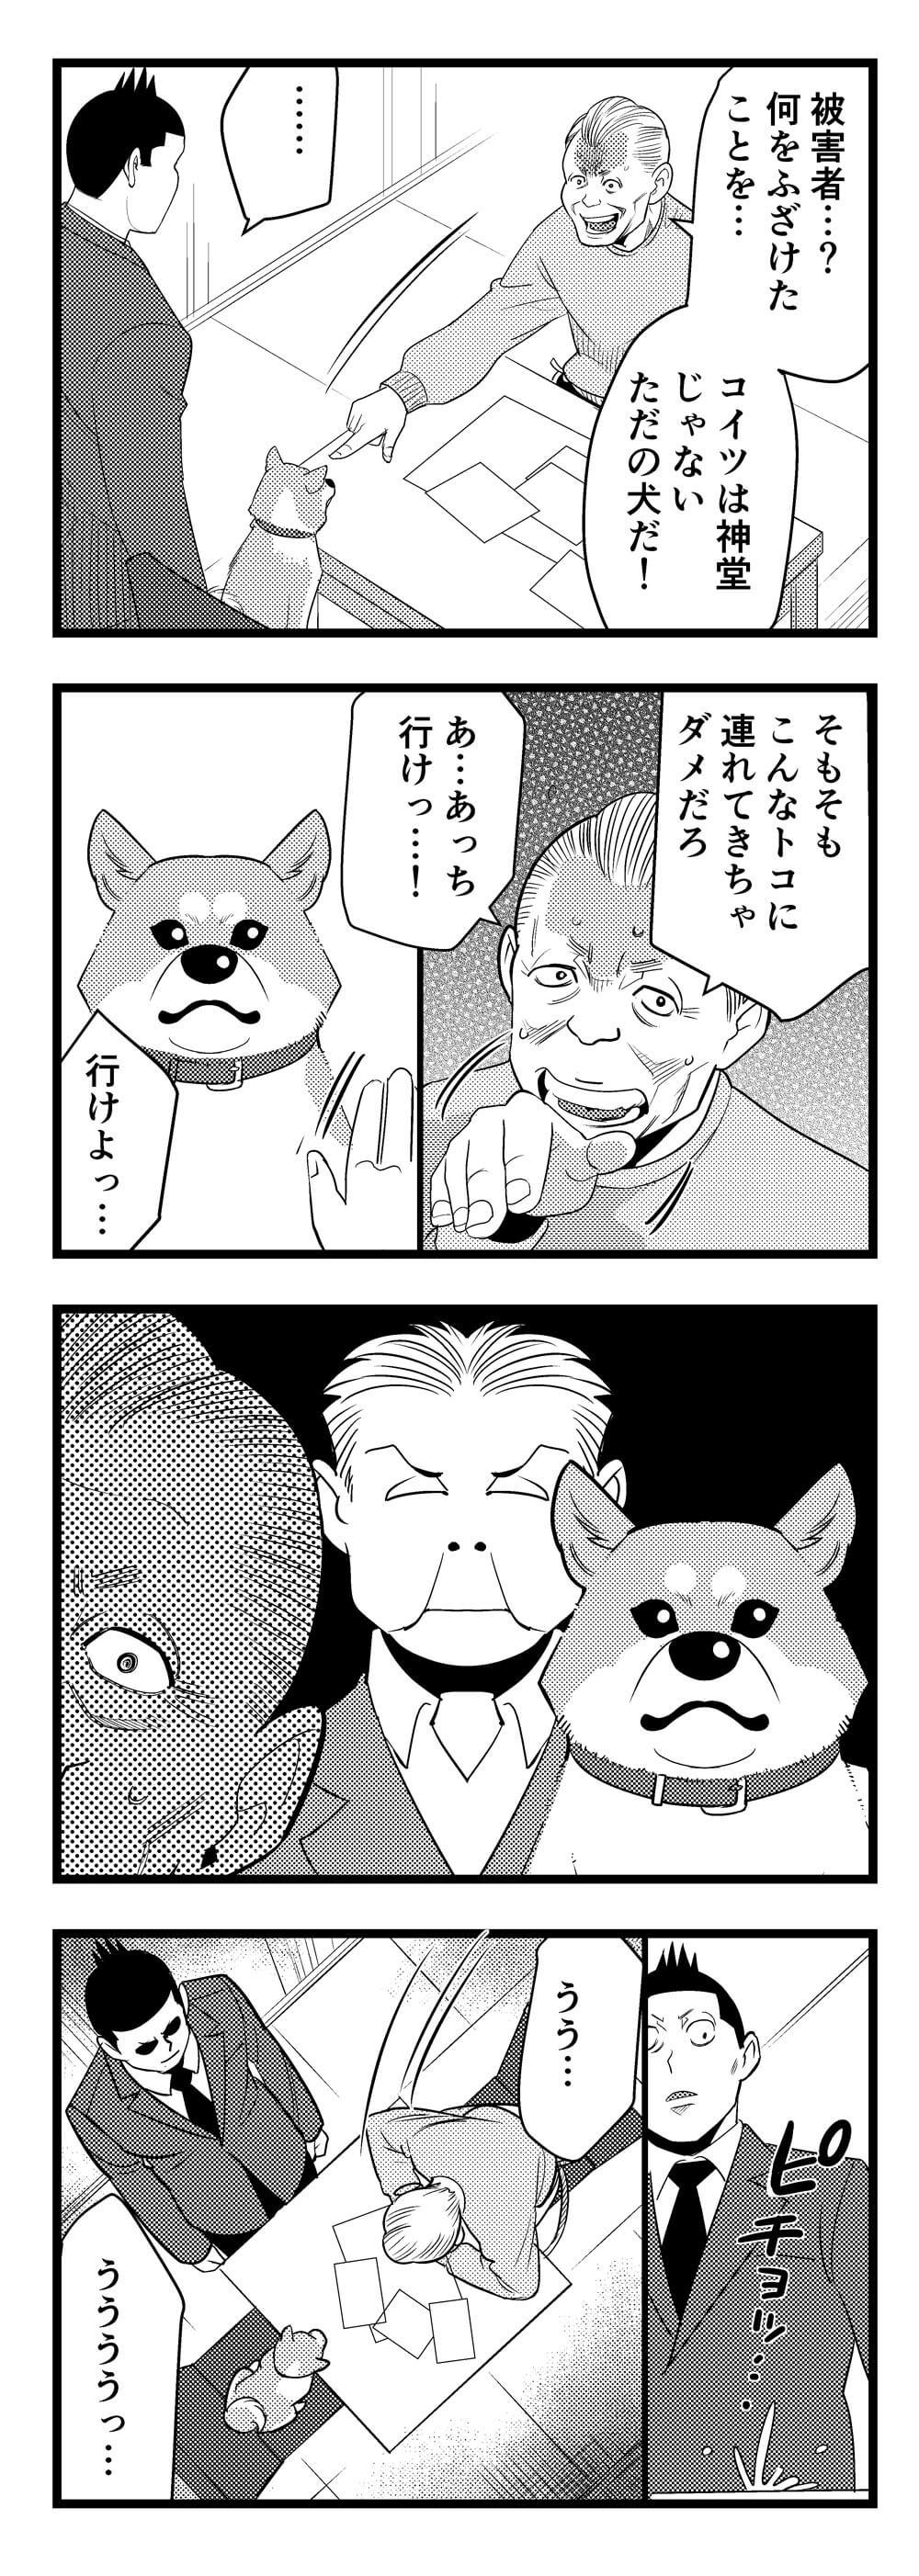 犬とゴリラ25_058-2